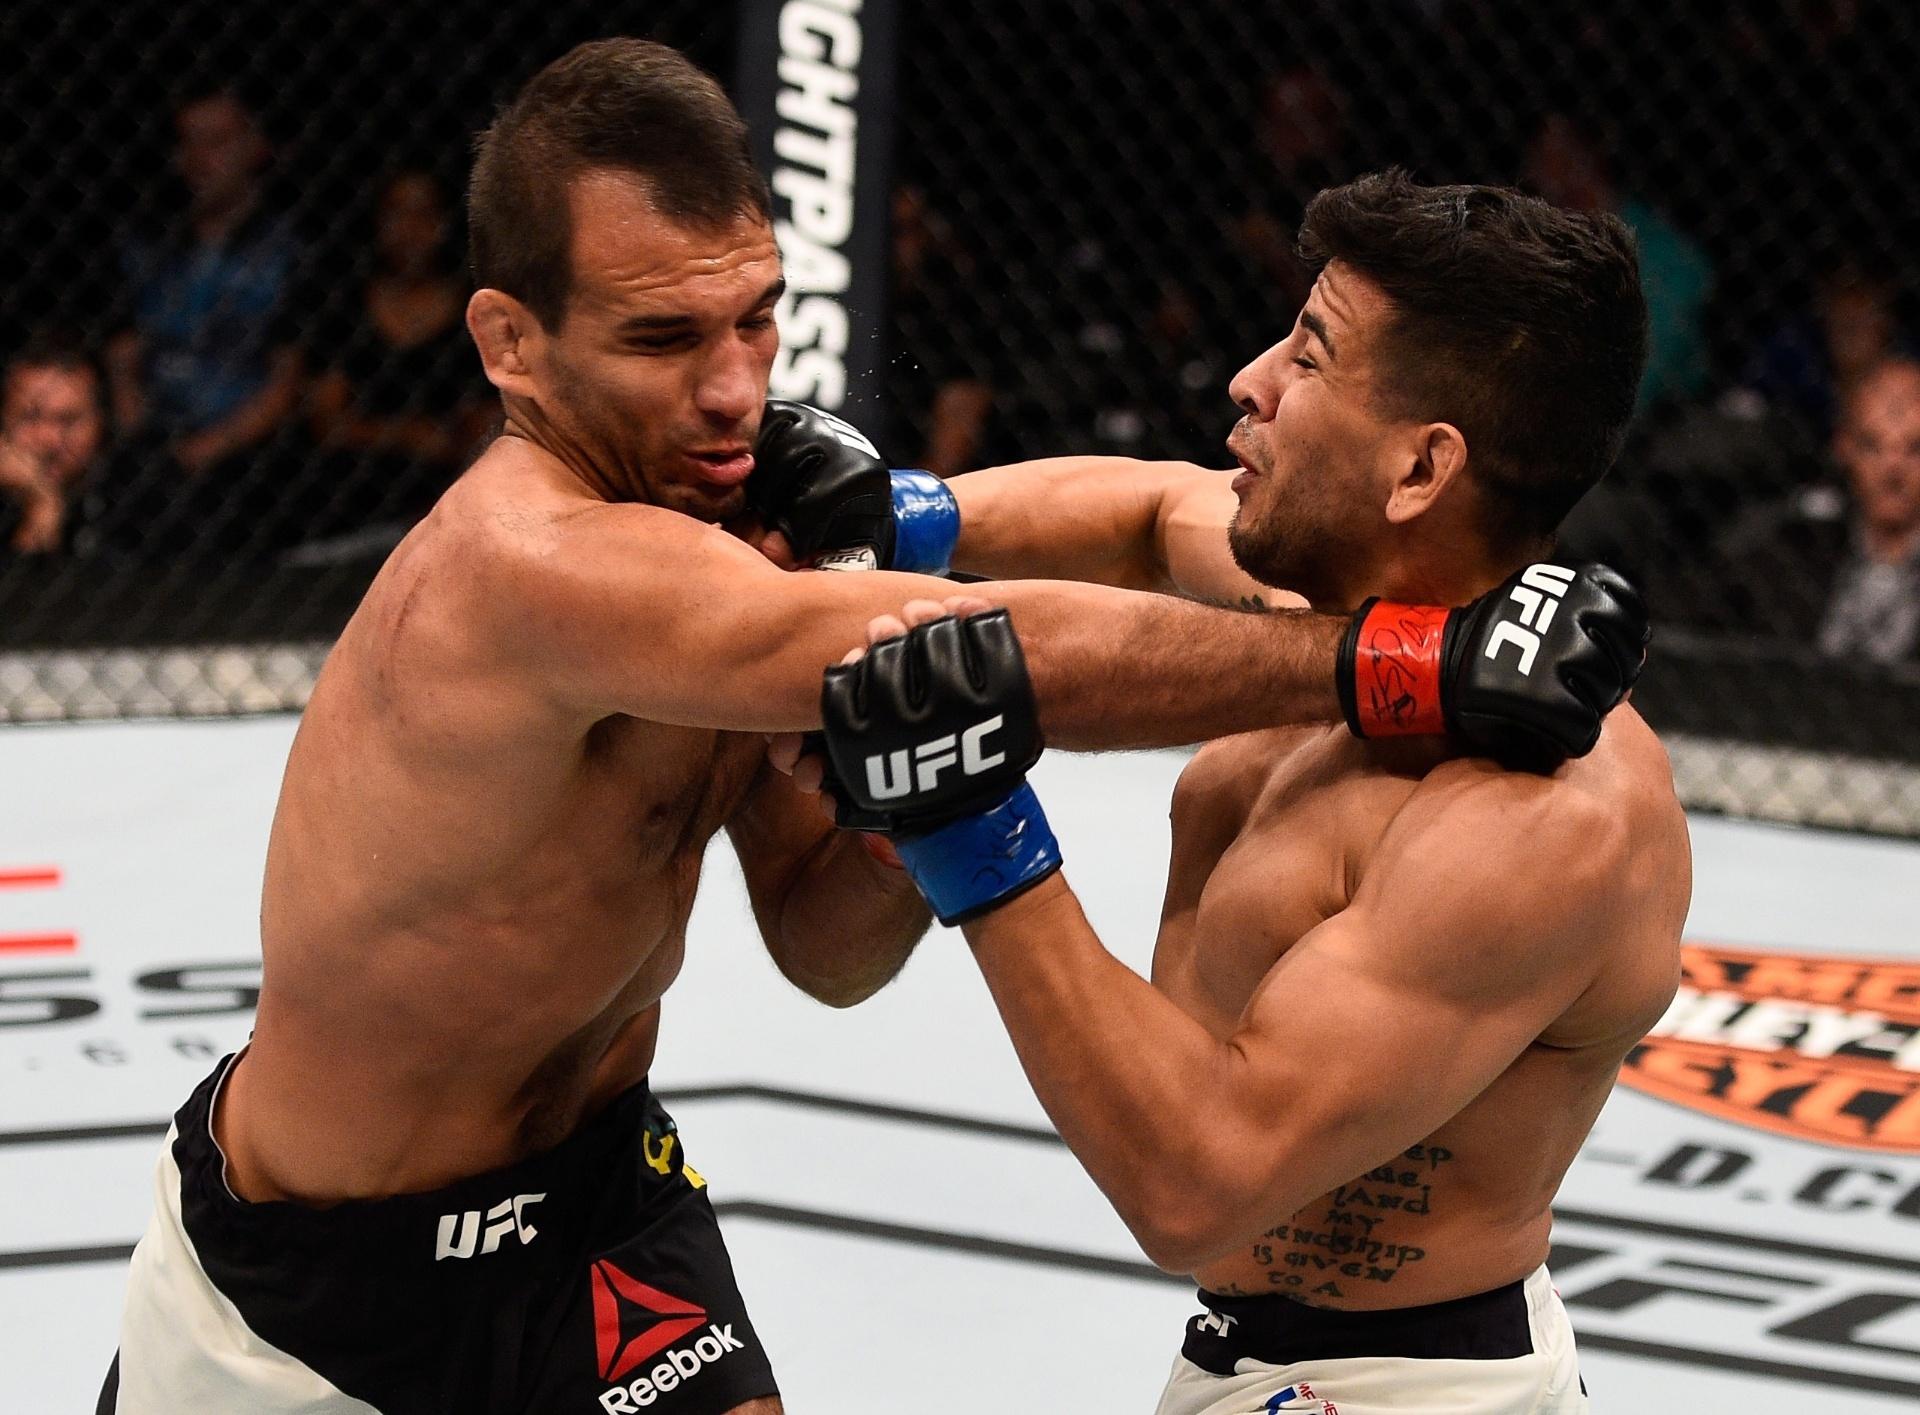 Rani Yahya (à esquerda) e Matthew Lopez (à direita) trocam socos no UFC Dacota do Sul. O brasileiro venceu por finalização